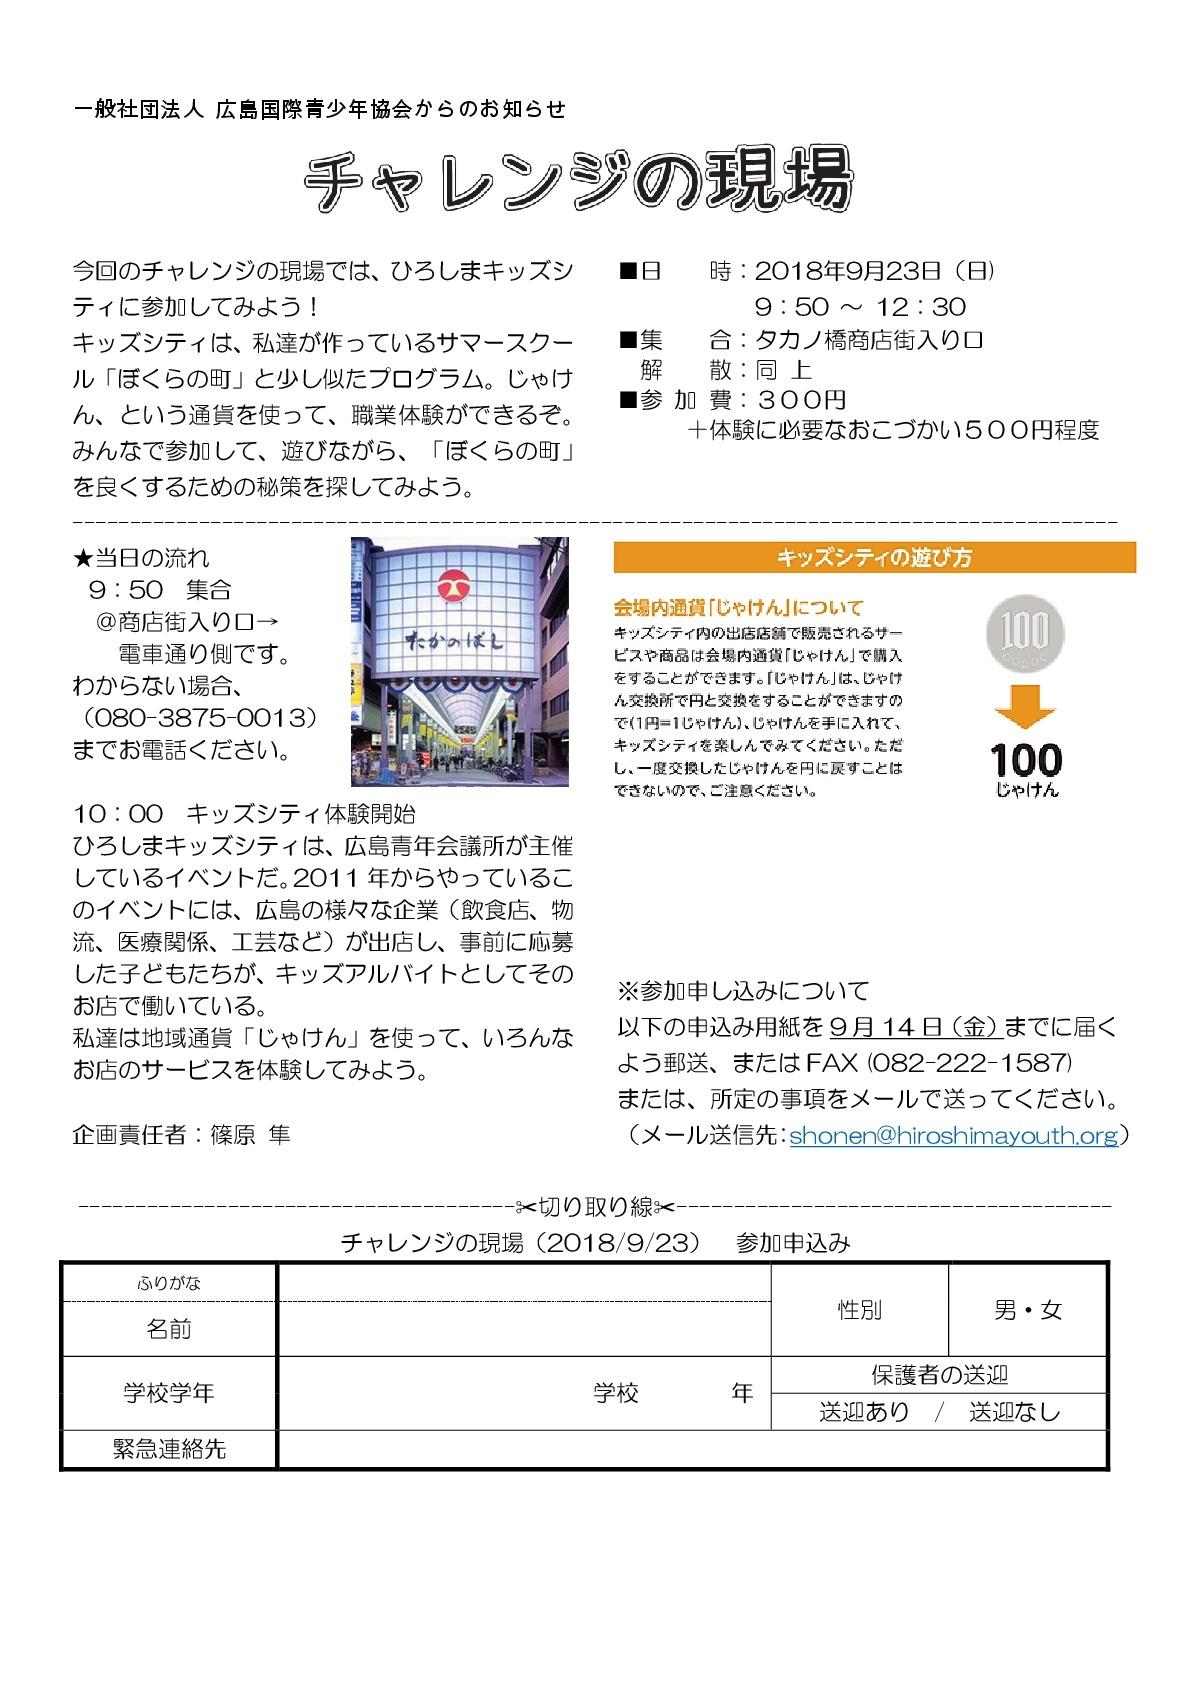 20180828_チャレンジの現場(9月)発送用-001.jpg